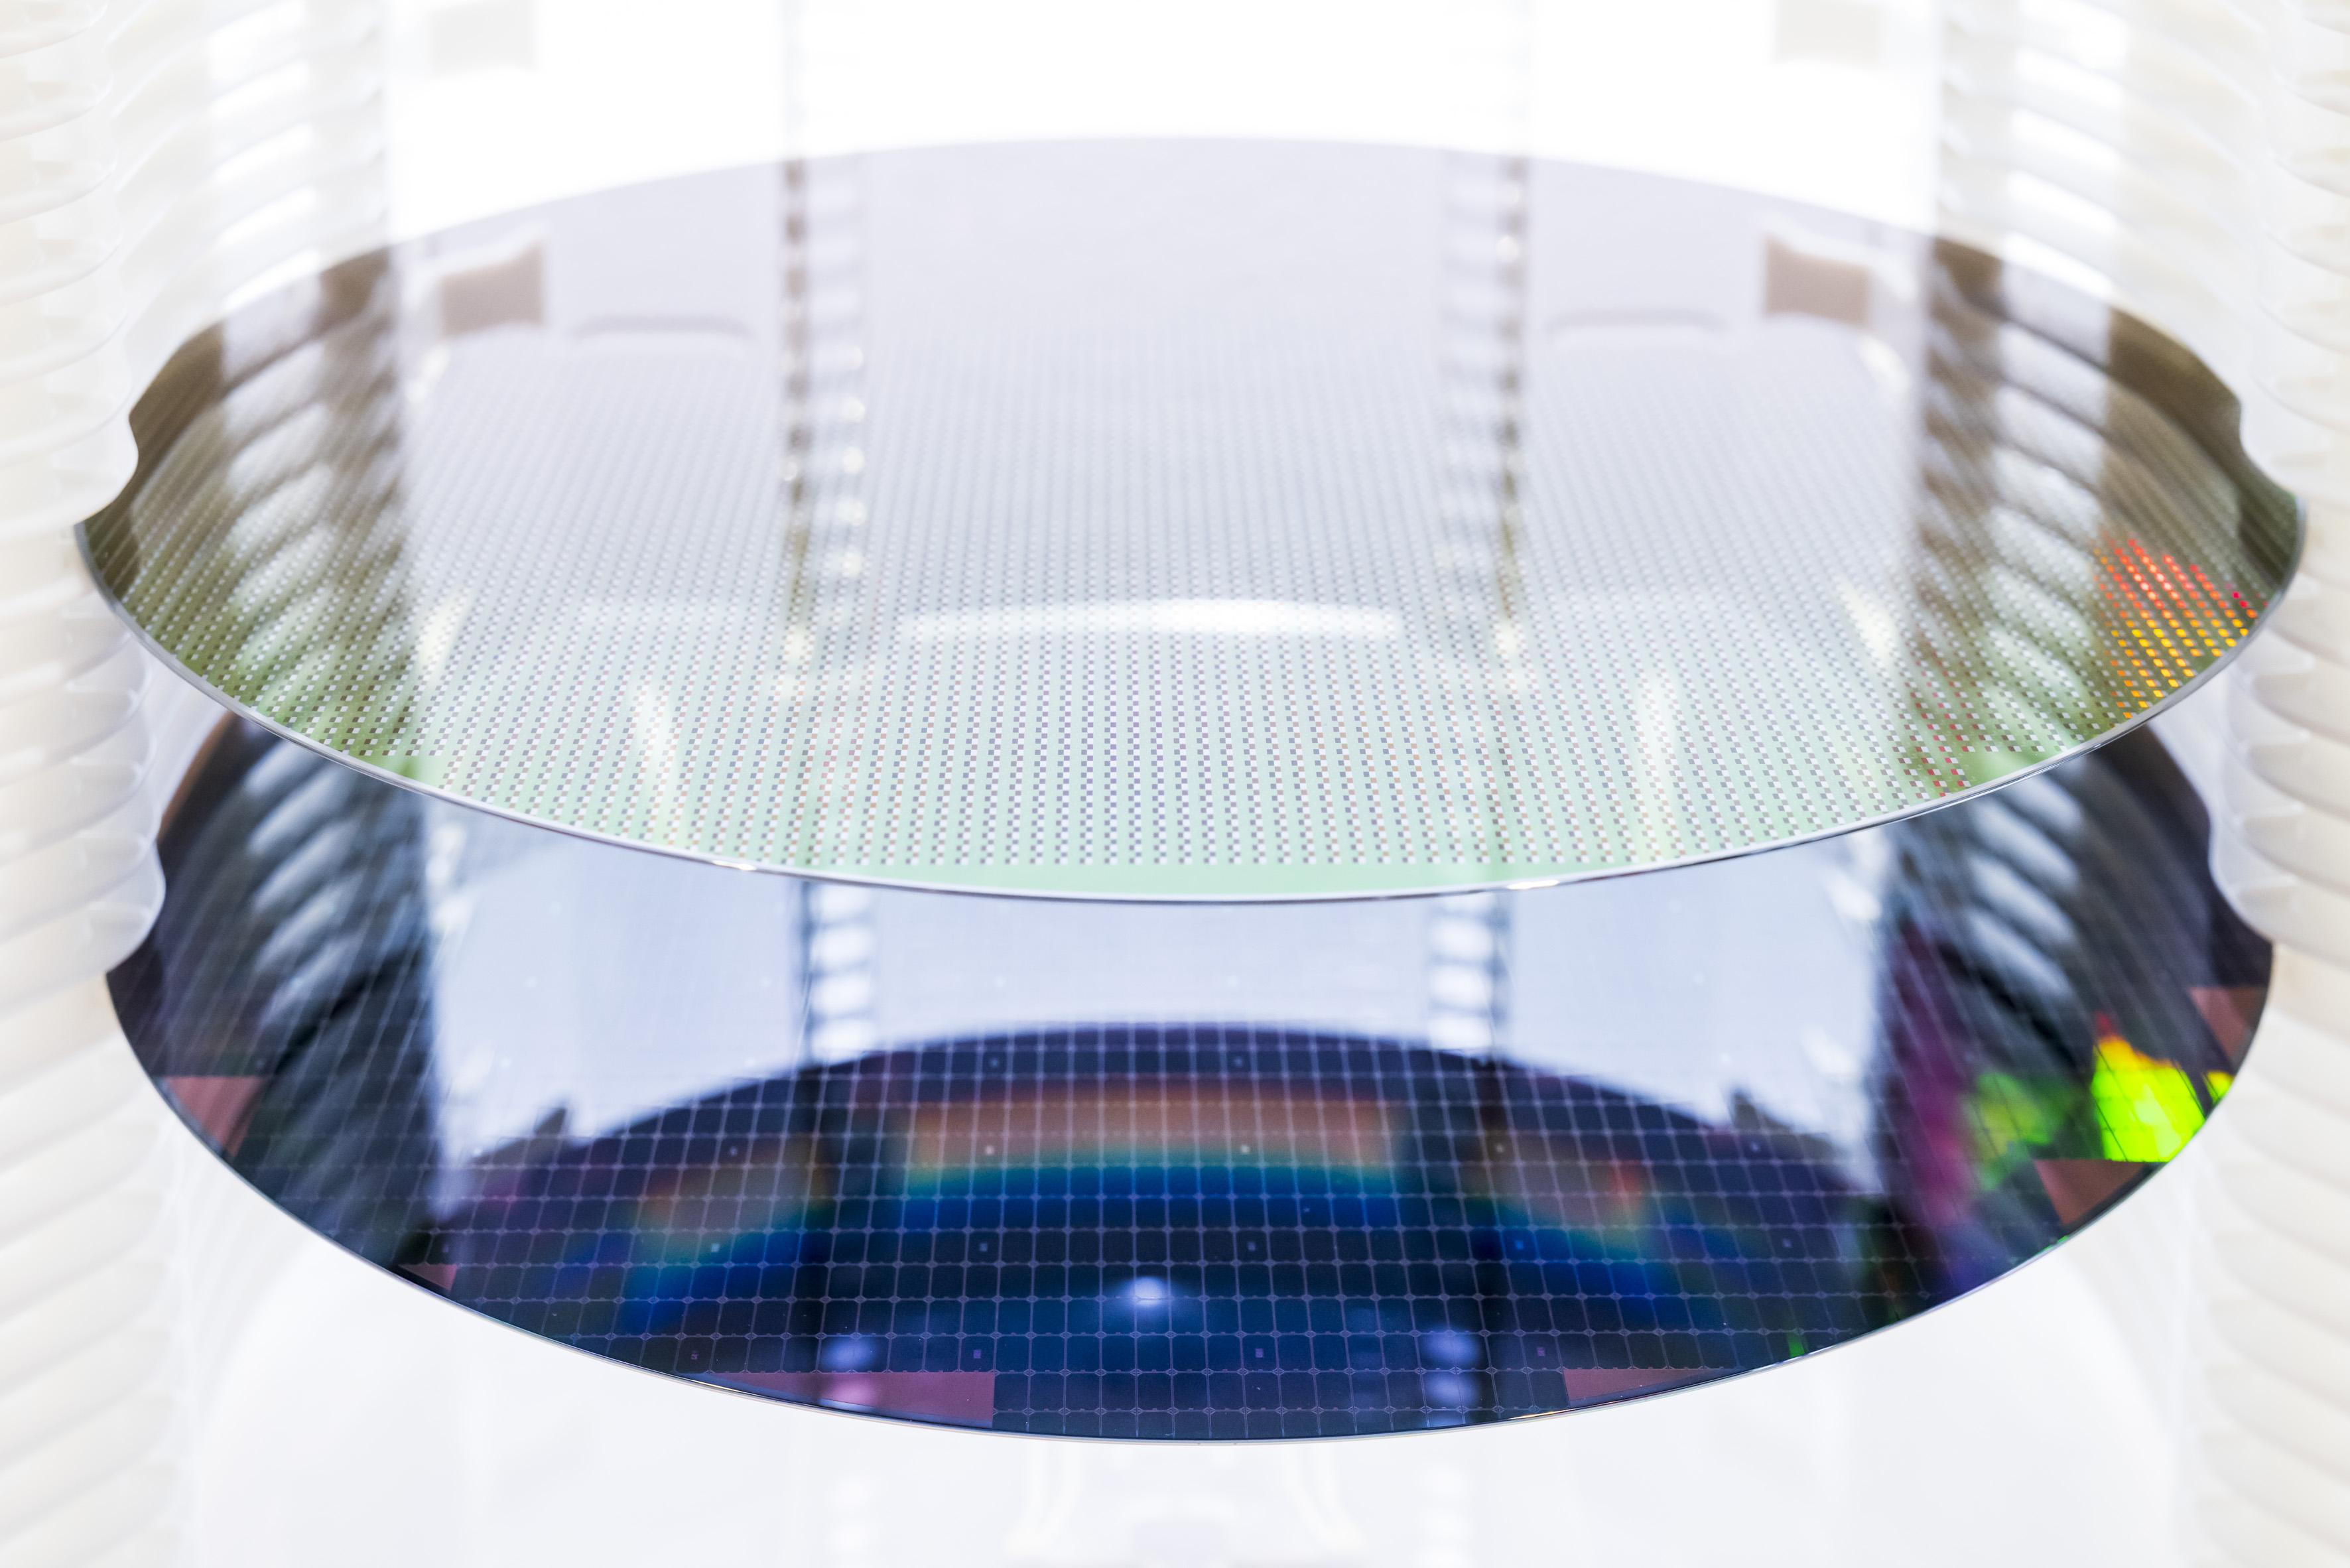 Prvý wafery prechádzajú plne automatizovaným výrobným procesom v novej továrni Bosch v Drážďanoch